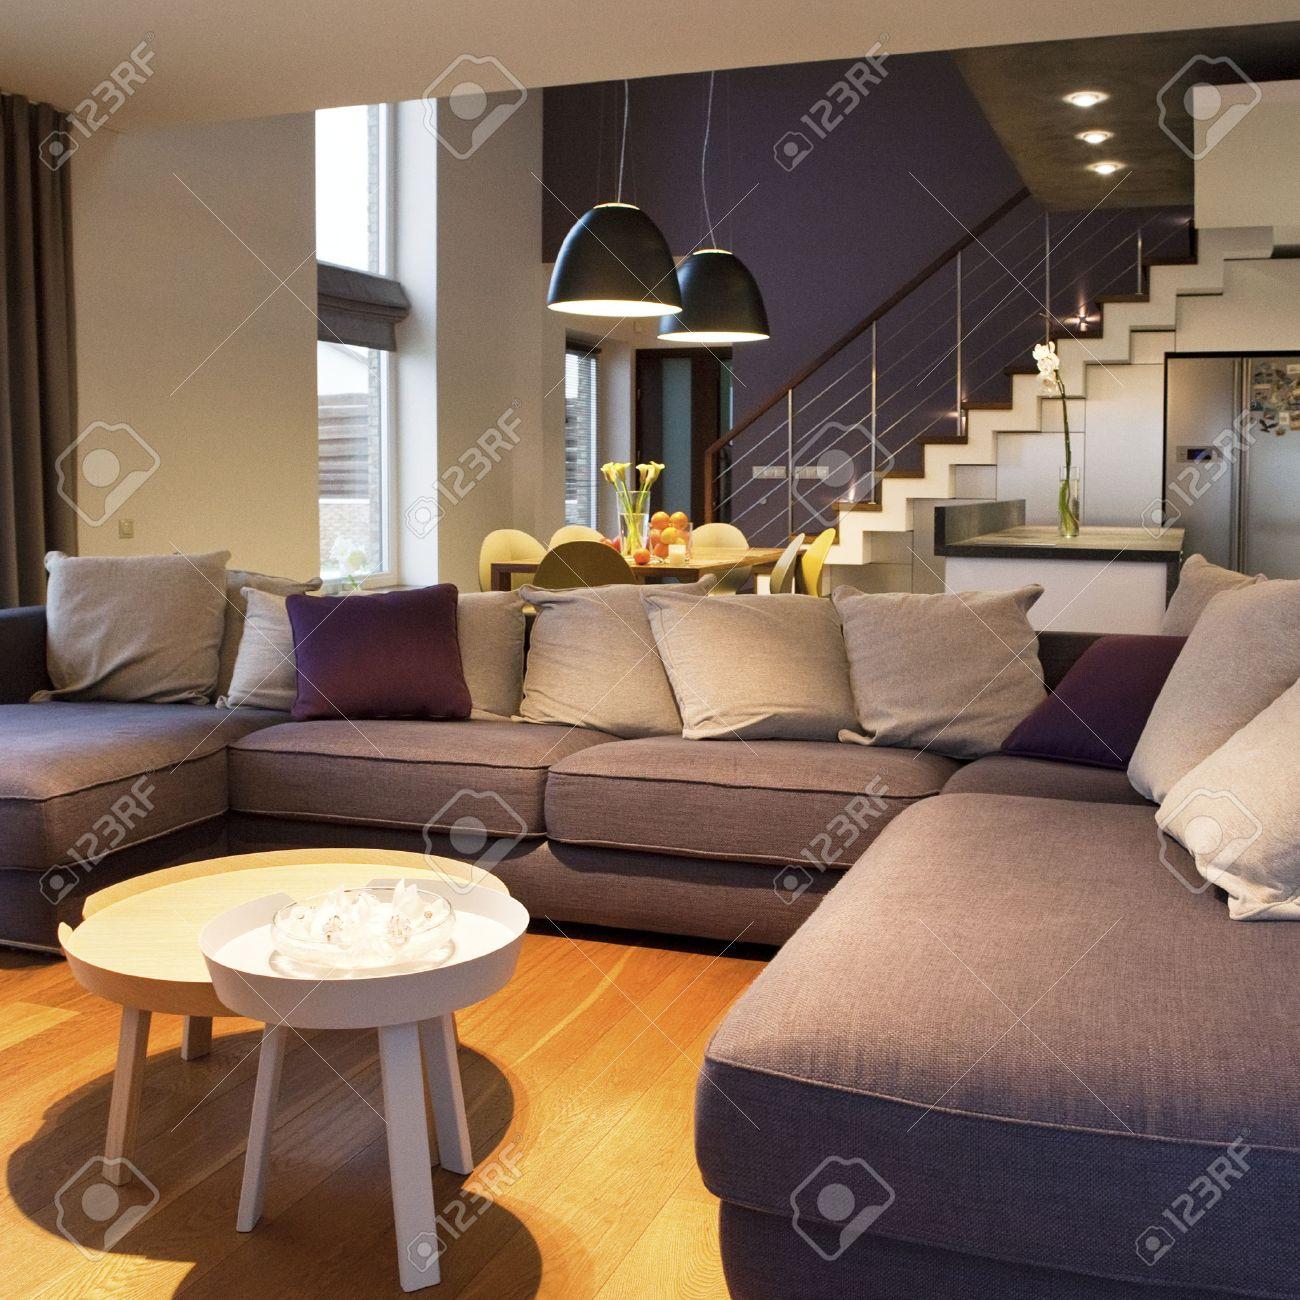 Wohnzimmer bilder fr hintergrund  Interior Design - Gemütliche Wohnzimmer Im Vordergrund Und Eine ...